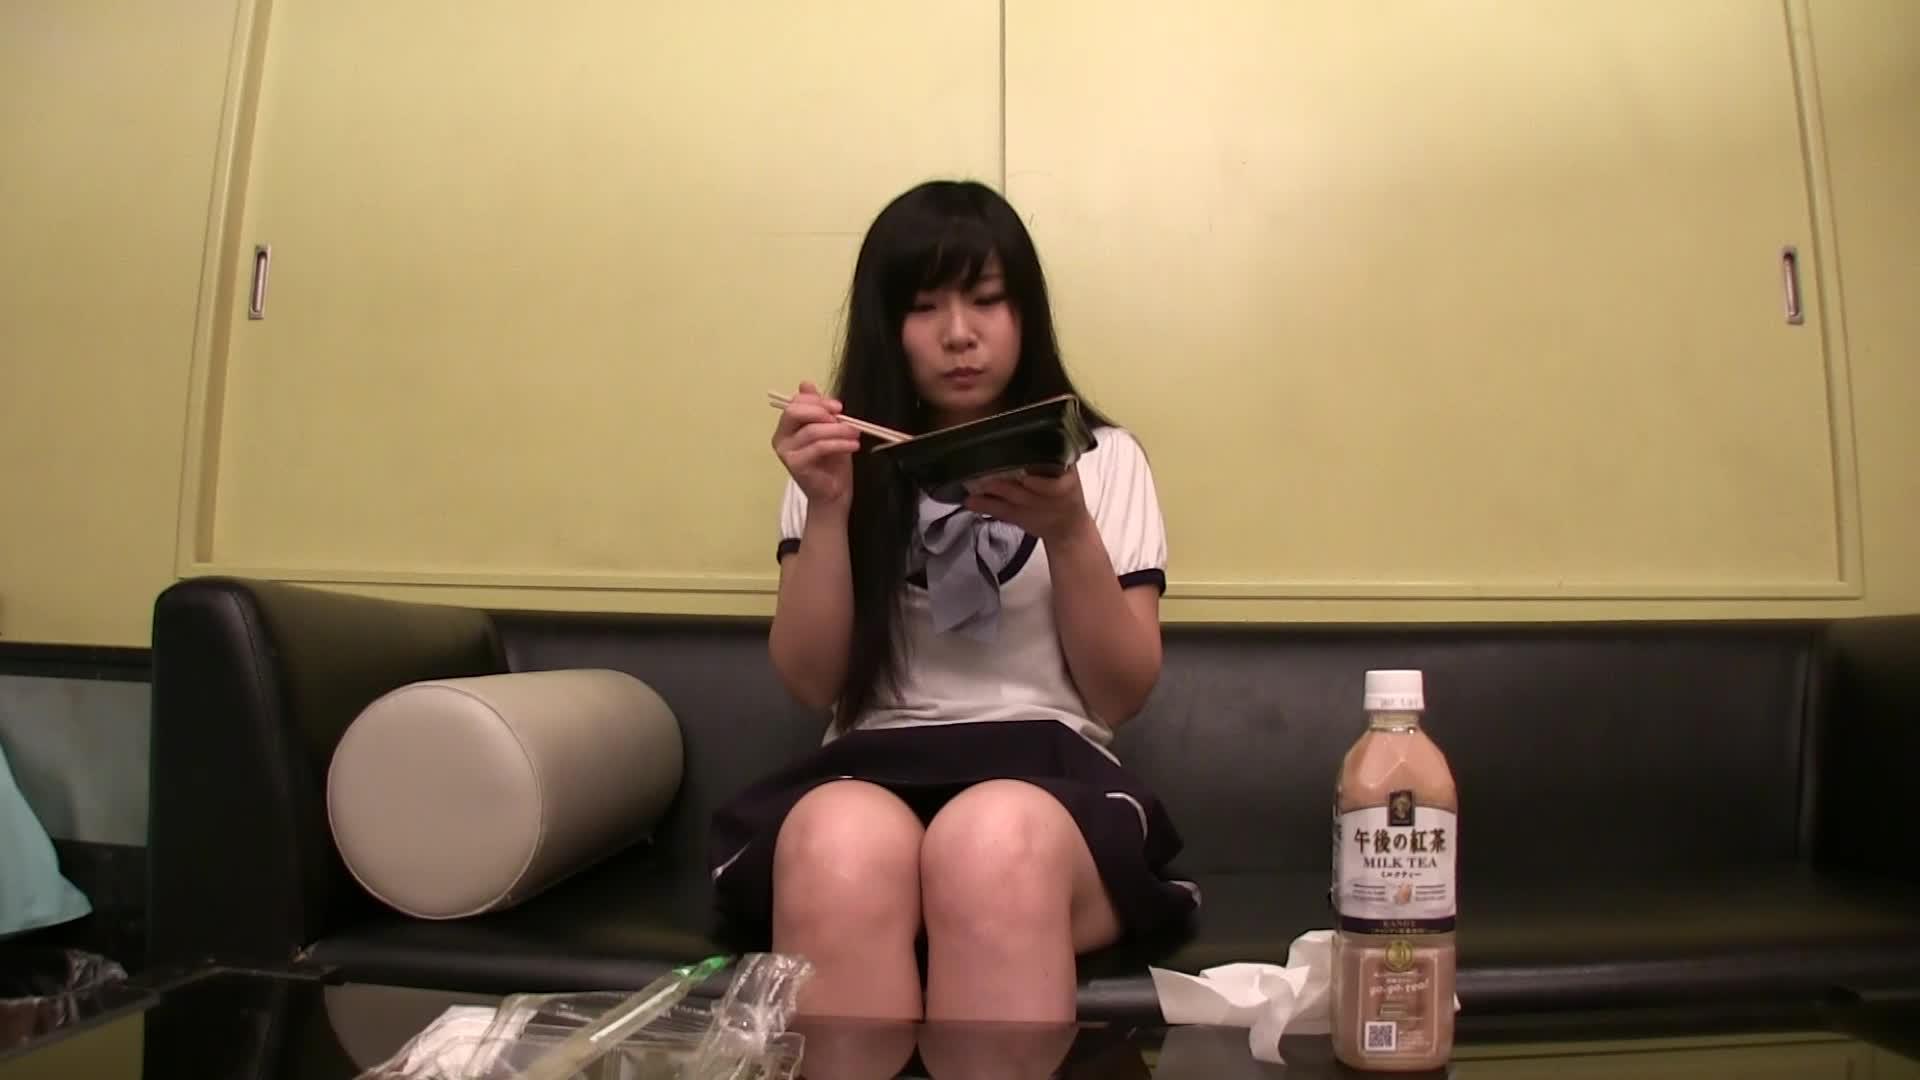 俺推し素人 キャバクラ嬢26歳久美vol5